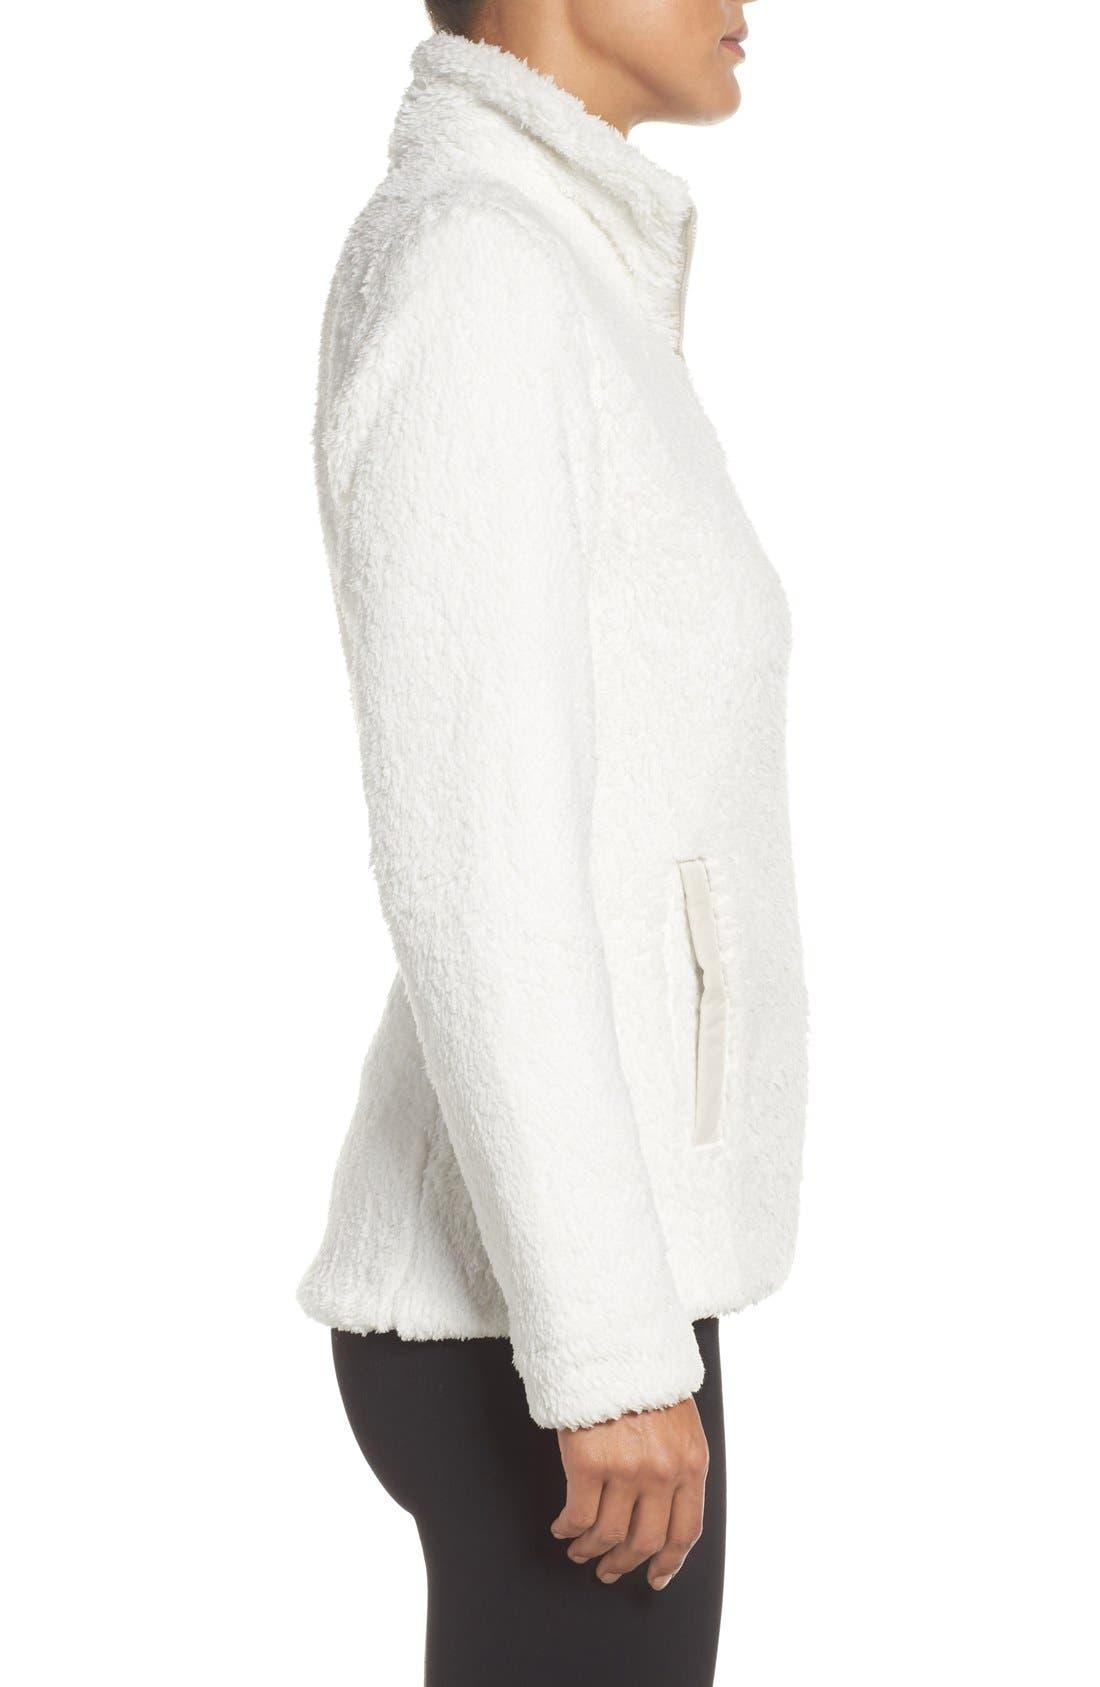 PATAGONIA, Los Gatos Fleece Jacket, Alternate thumbnail 2, color, BIRCH WHITE